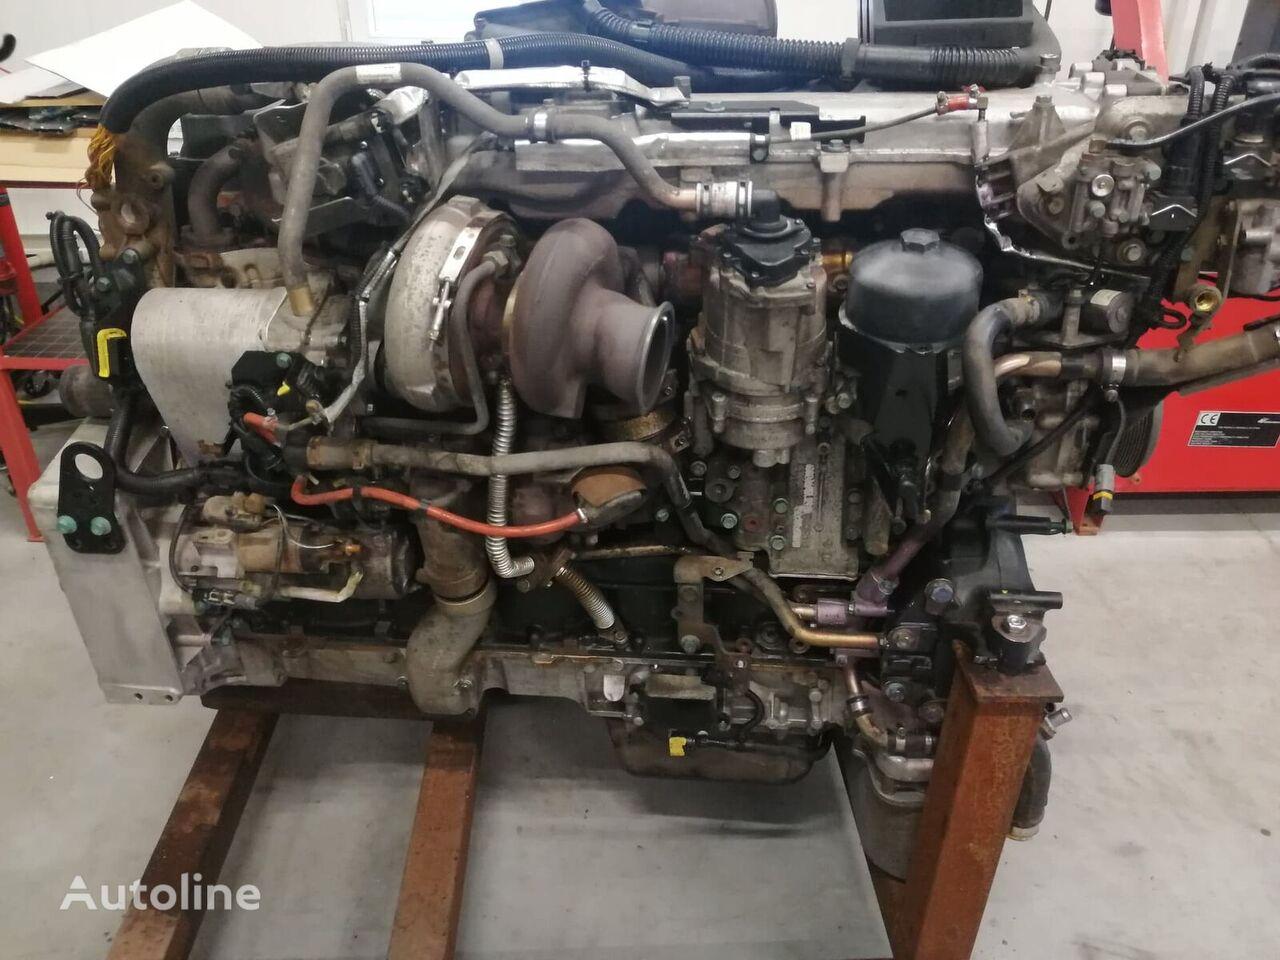 MAN D2676 LF 46 engine for MAN TGX truck